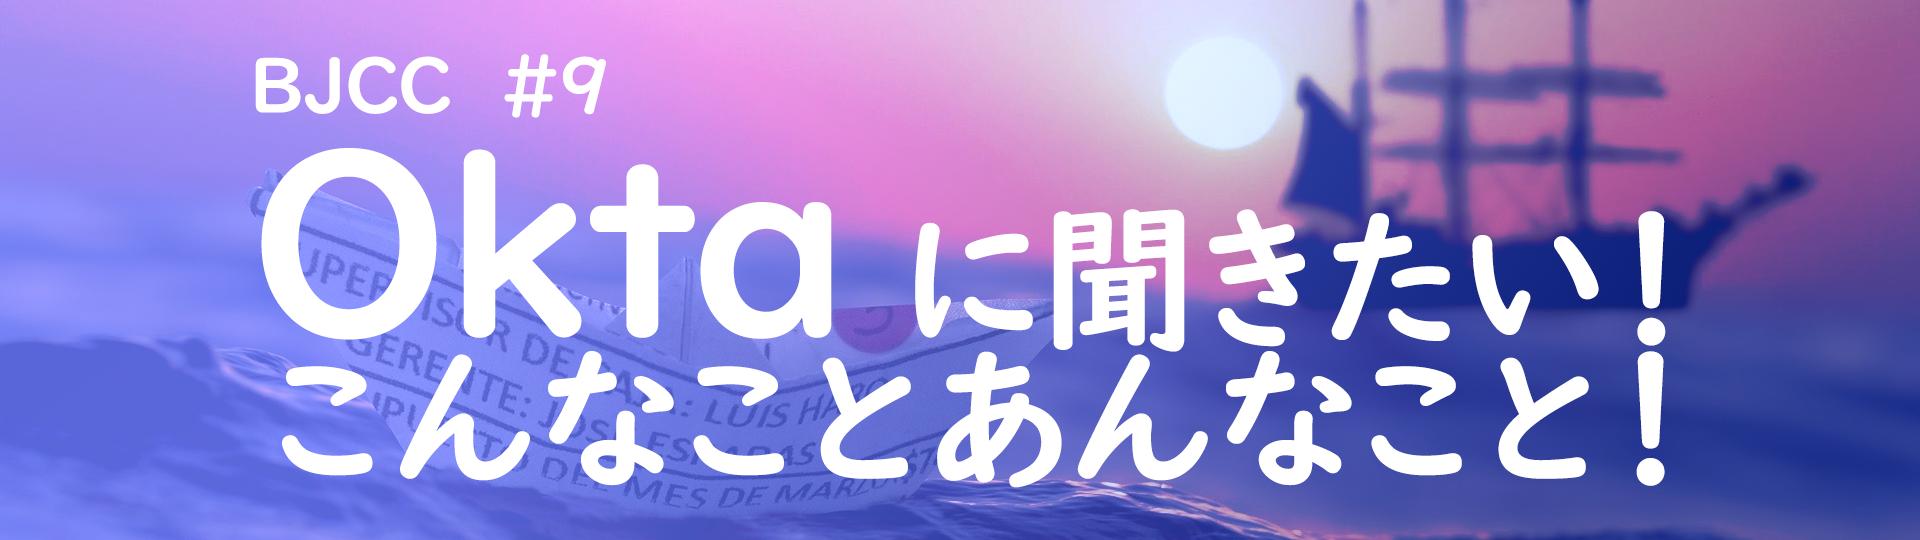 第9回 BJCC Meetup!「Oktaに聞きたい!こんなことあんなこと!」